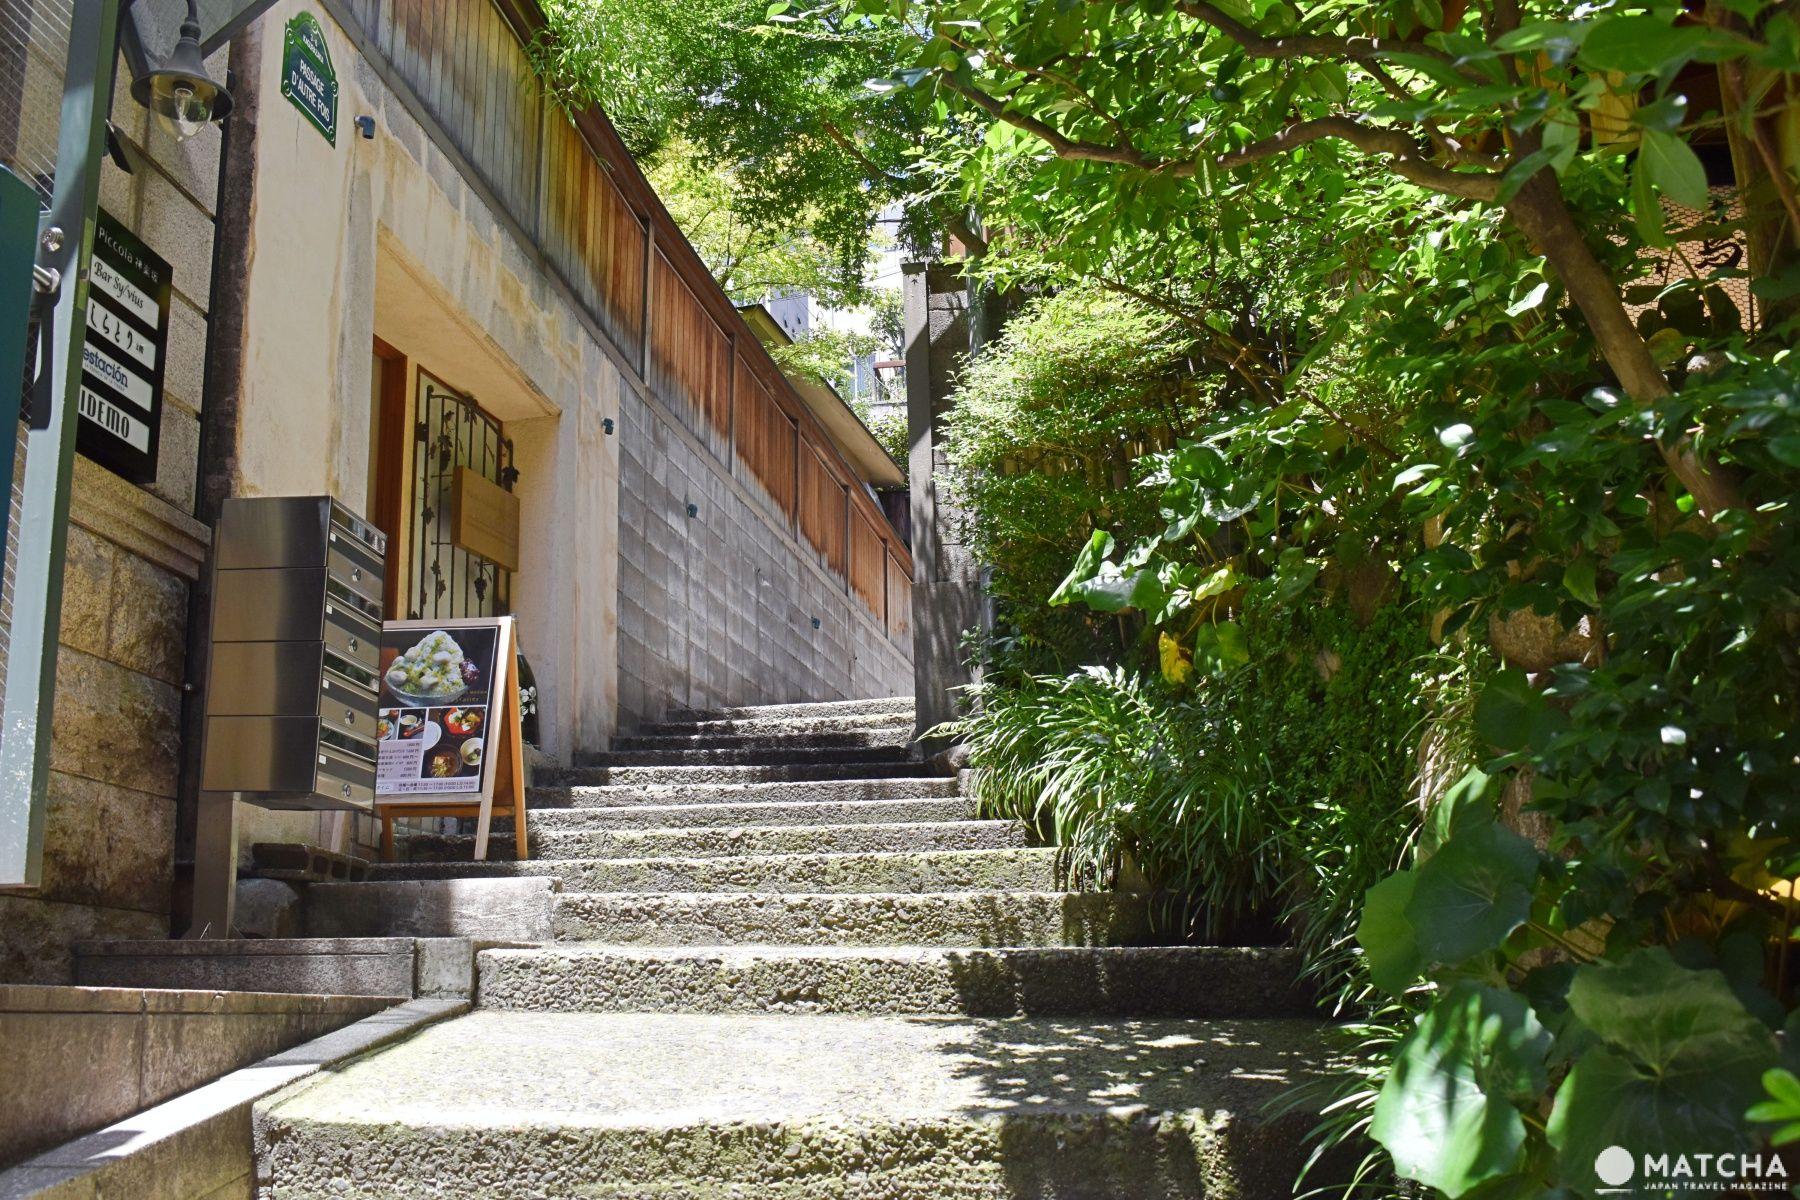 Kagurazaka Stroll - 12 Places You Should Drop Into ...  Kagurazaka Stro...